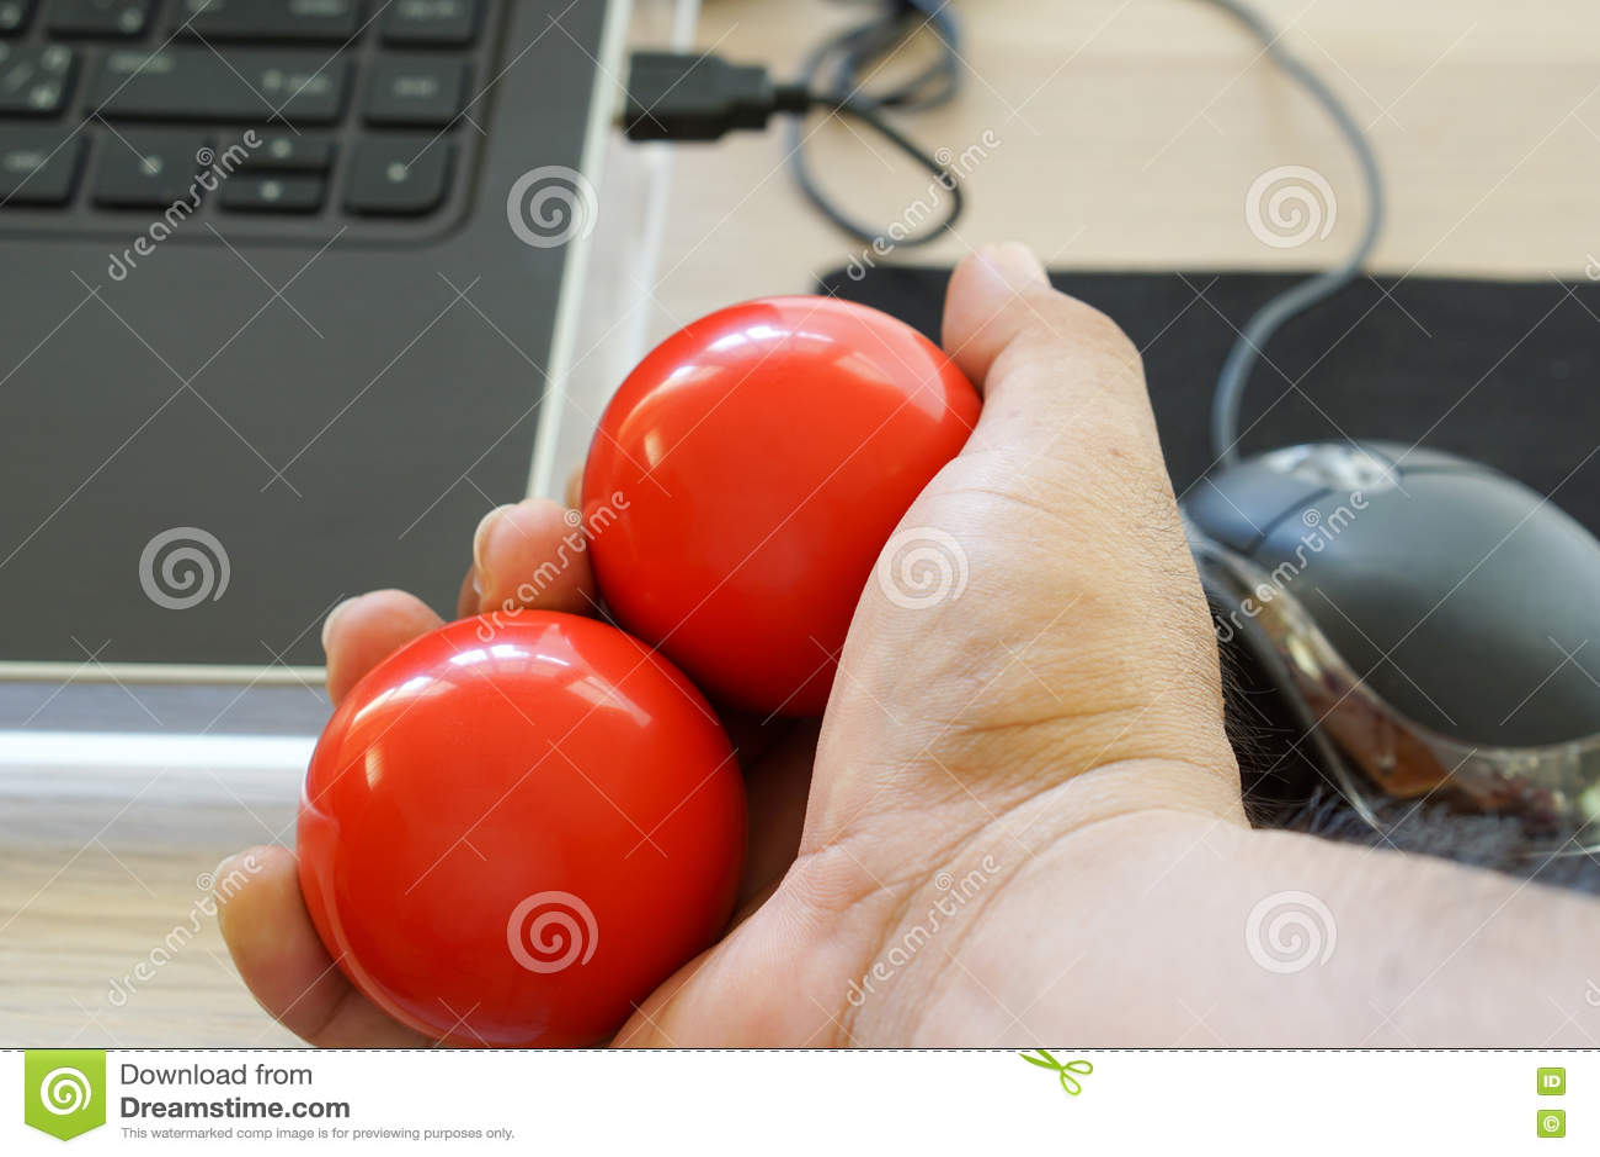 Download Тренировка руки с шариками стоковое изображение. изображение насчитывающей тренировка - 72295029